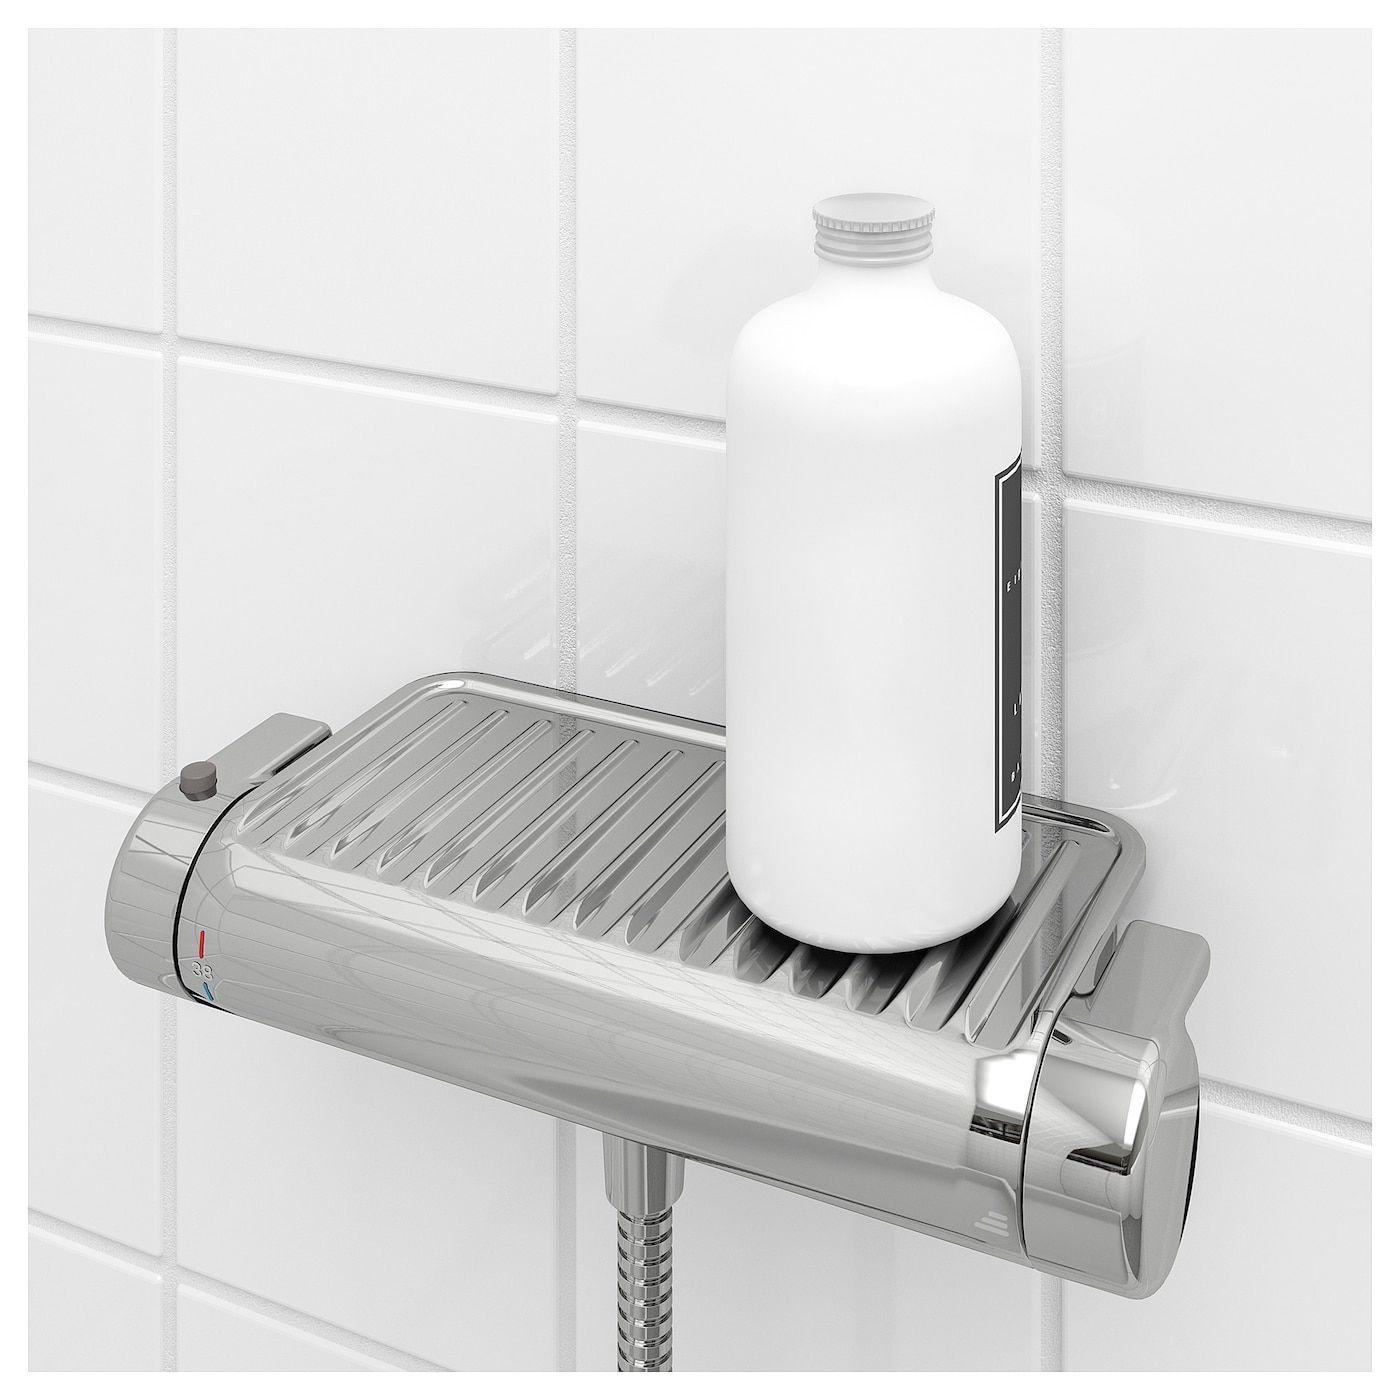 Voxnan Thermostat Mischbatterie Dusche Verchromt Mischbatterien Batterien Und Ikea